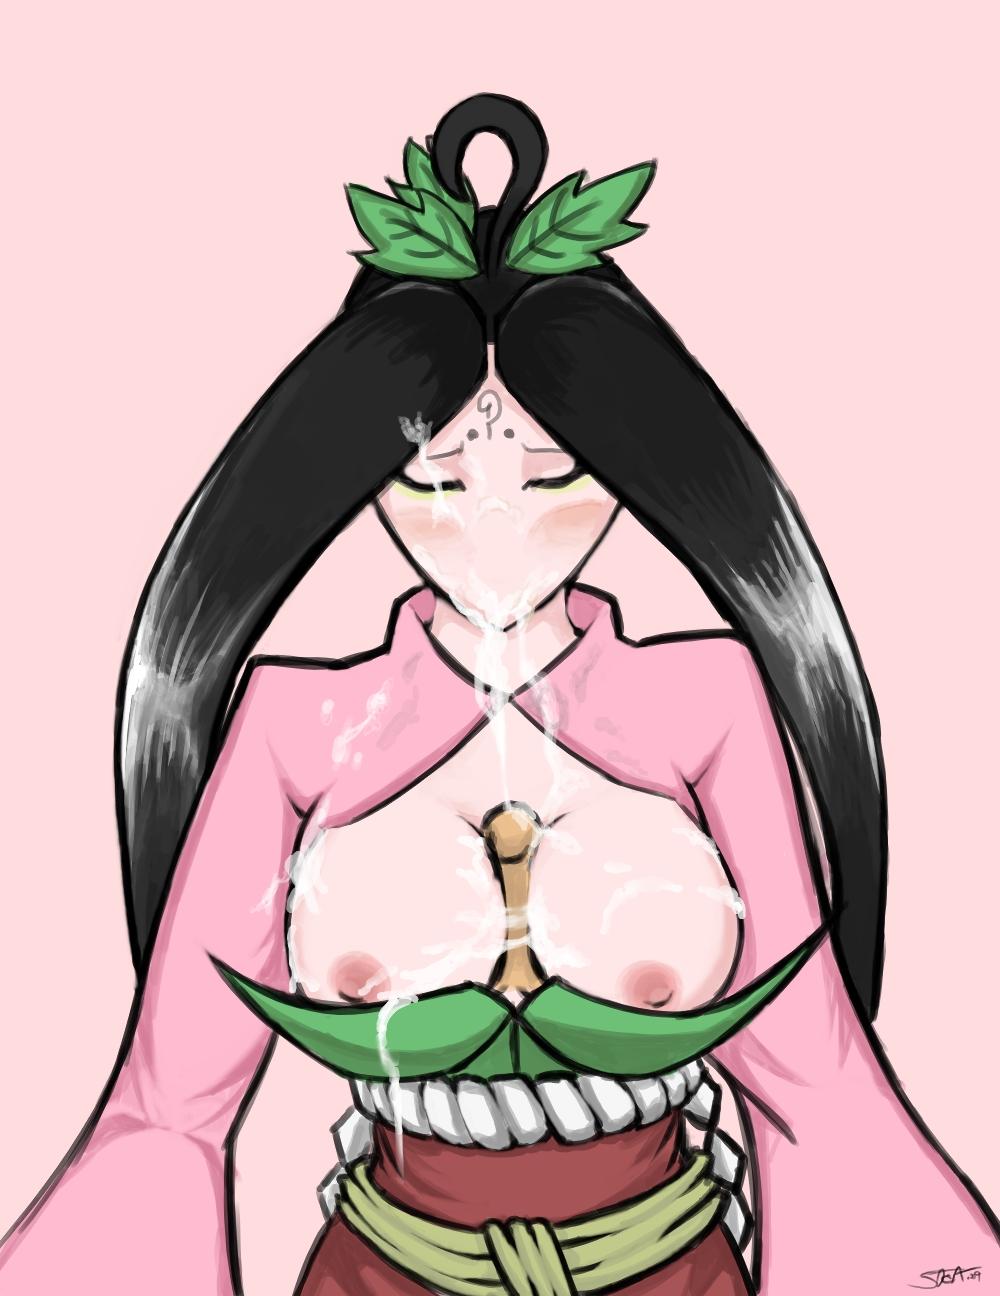 her companions okami-san seven & Boku no hero academia deku x kacchan